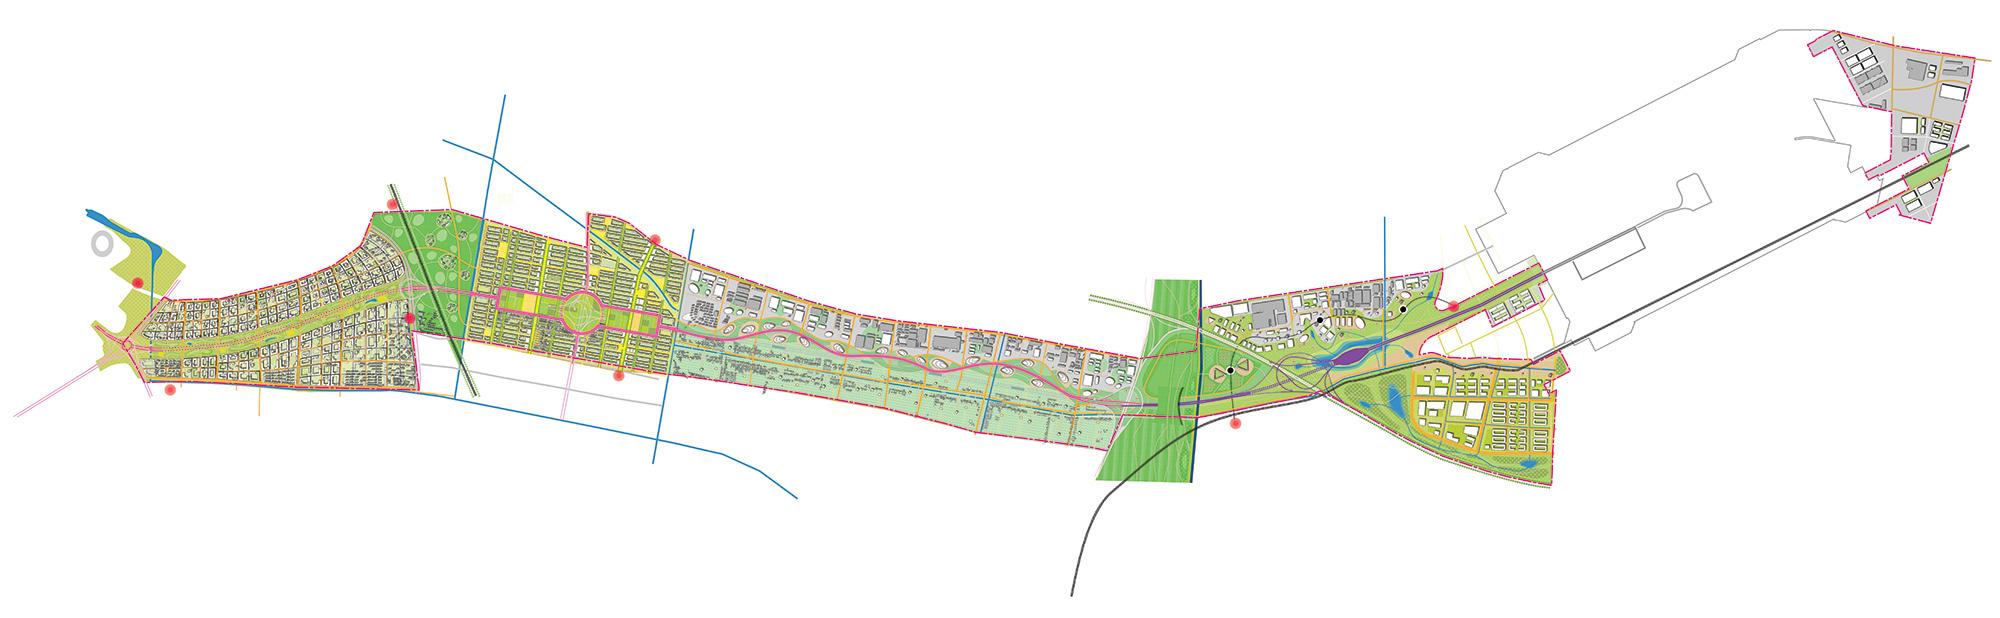 felixx-hangzhou-designmap.jpg